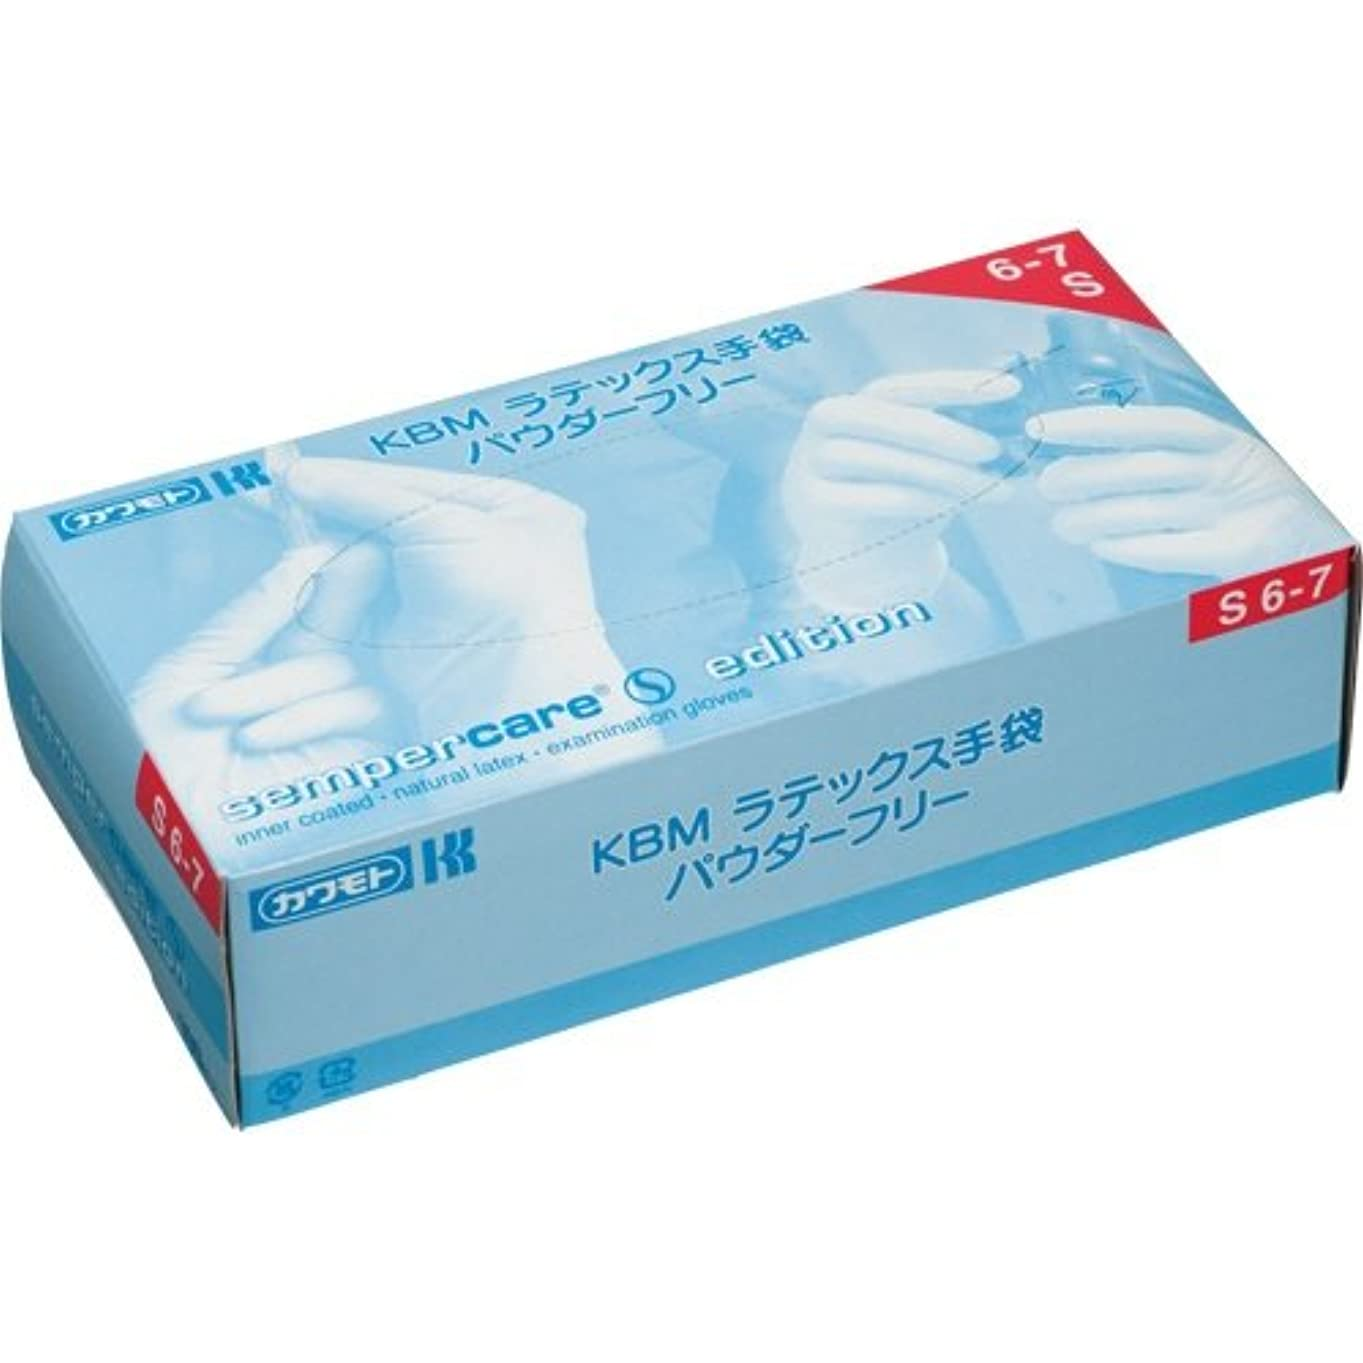 カワモト KBM ラテックス手袋 パウダーフリー S 1セット(300枚:100枚×3箱)